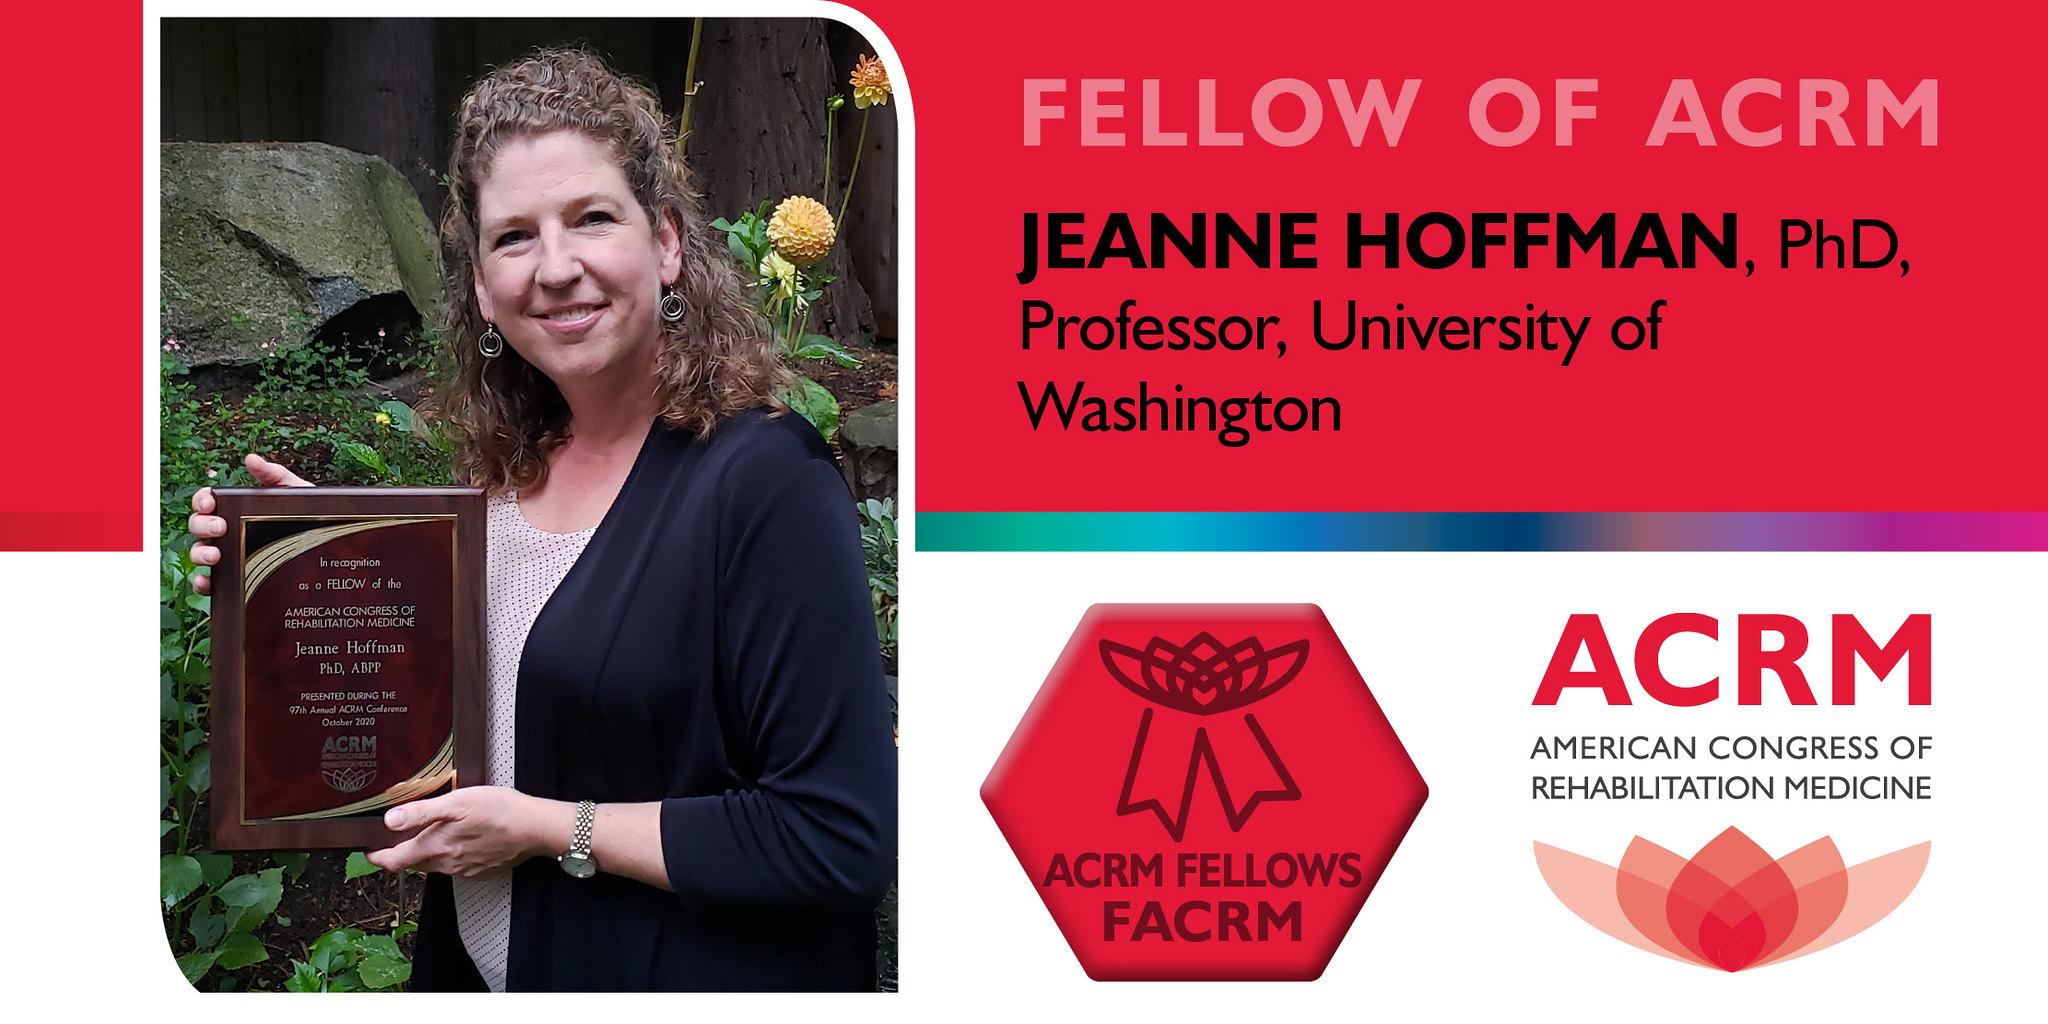 Jeanne Hoffman is a 2020 Fellow of ACRM